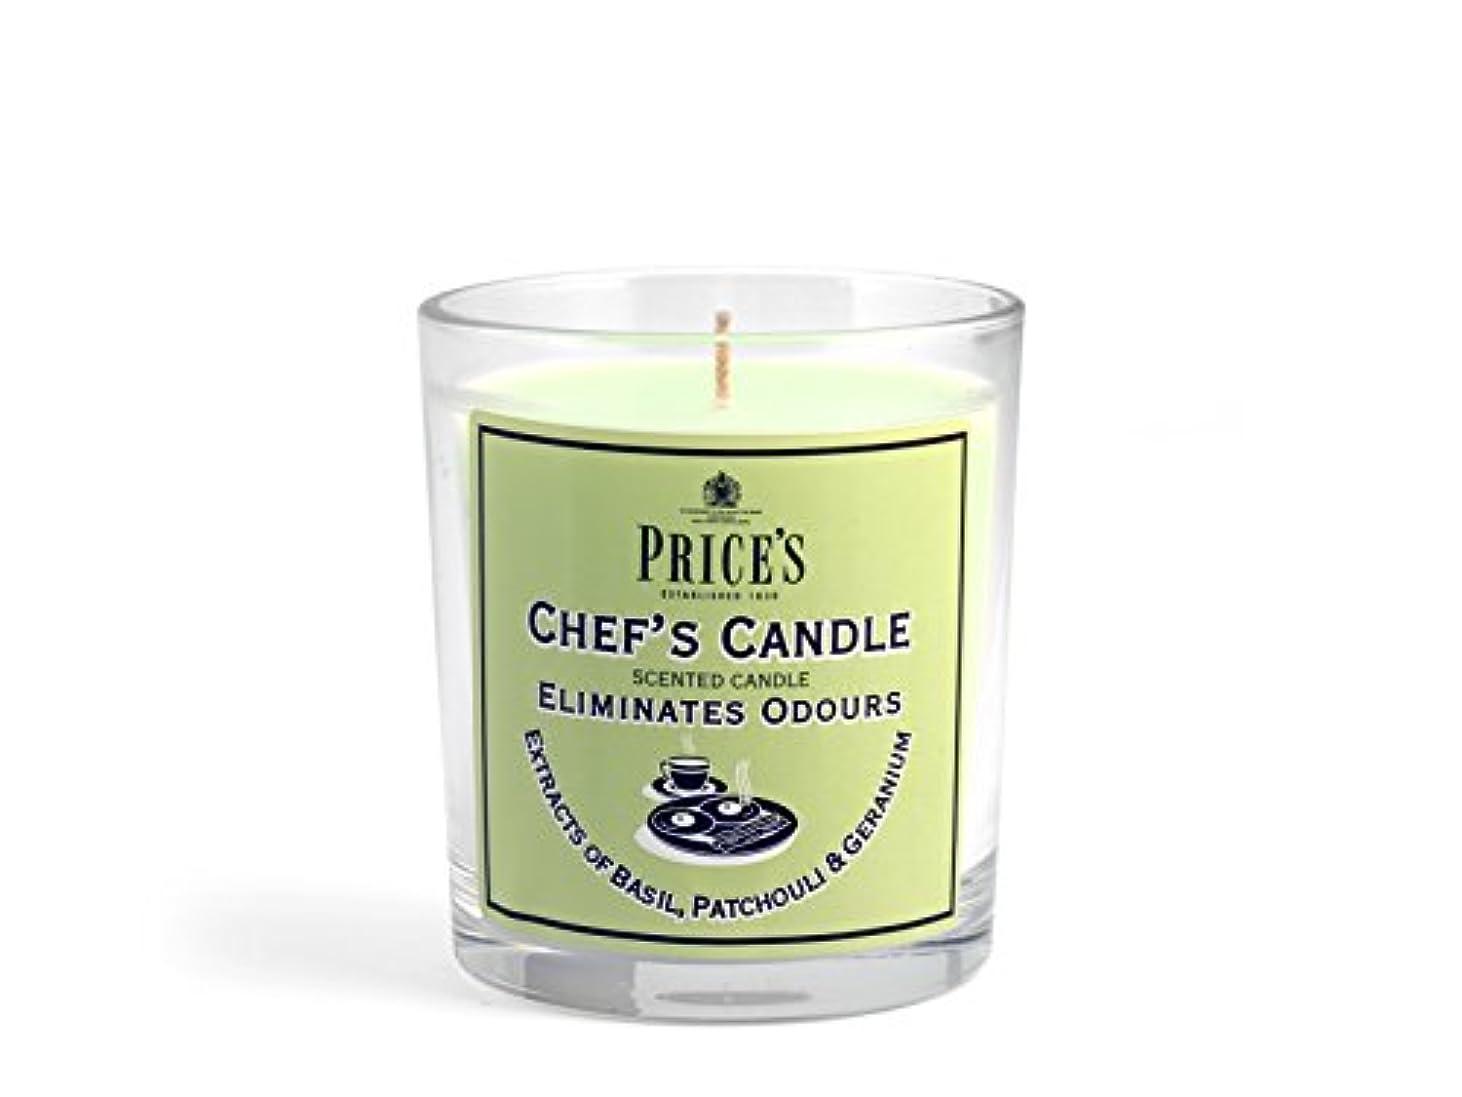 食物債務者理解Price′s(プライシズ) Fresh Air CANDLE TIN Jar type (フレッシュエアー キャンドル ジャータイプ) CHEF'S(シェフズ)